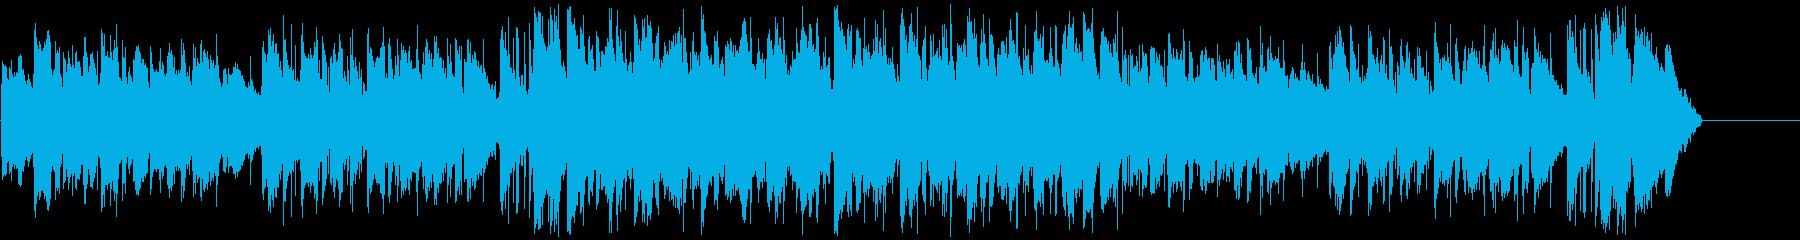 Youtube・雨のペット・優しいR&Bの再生済みの波形